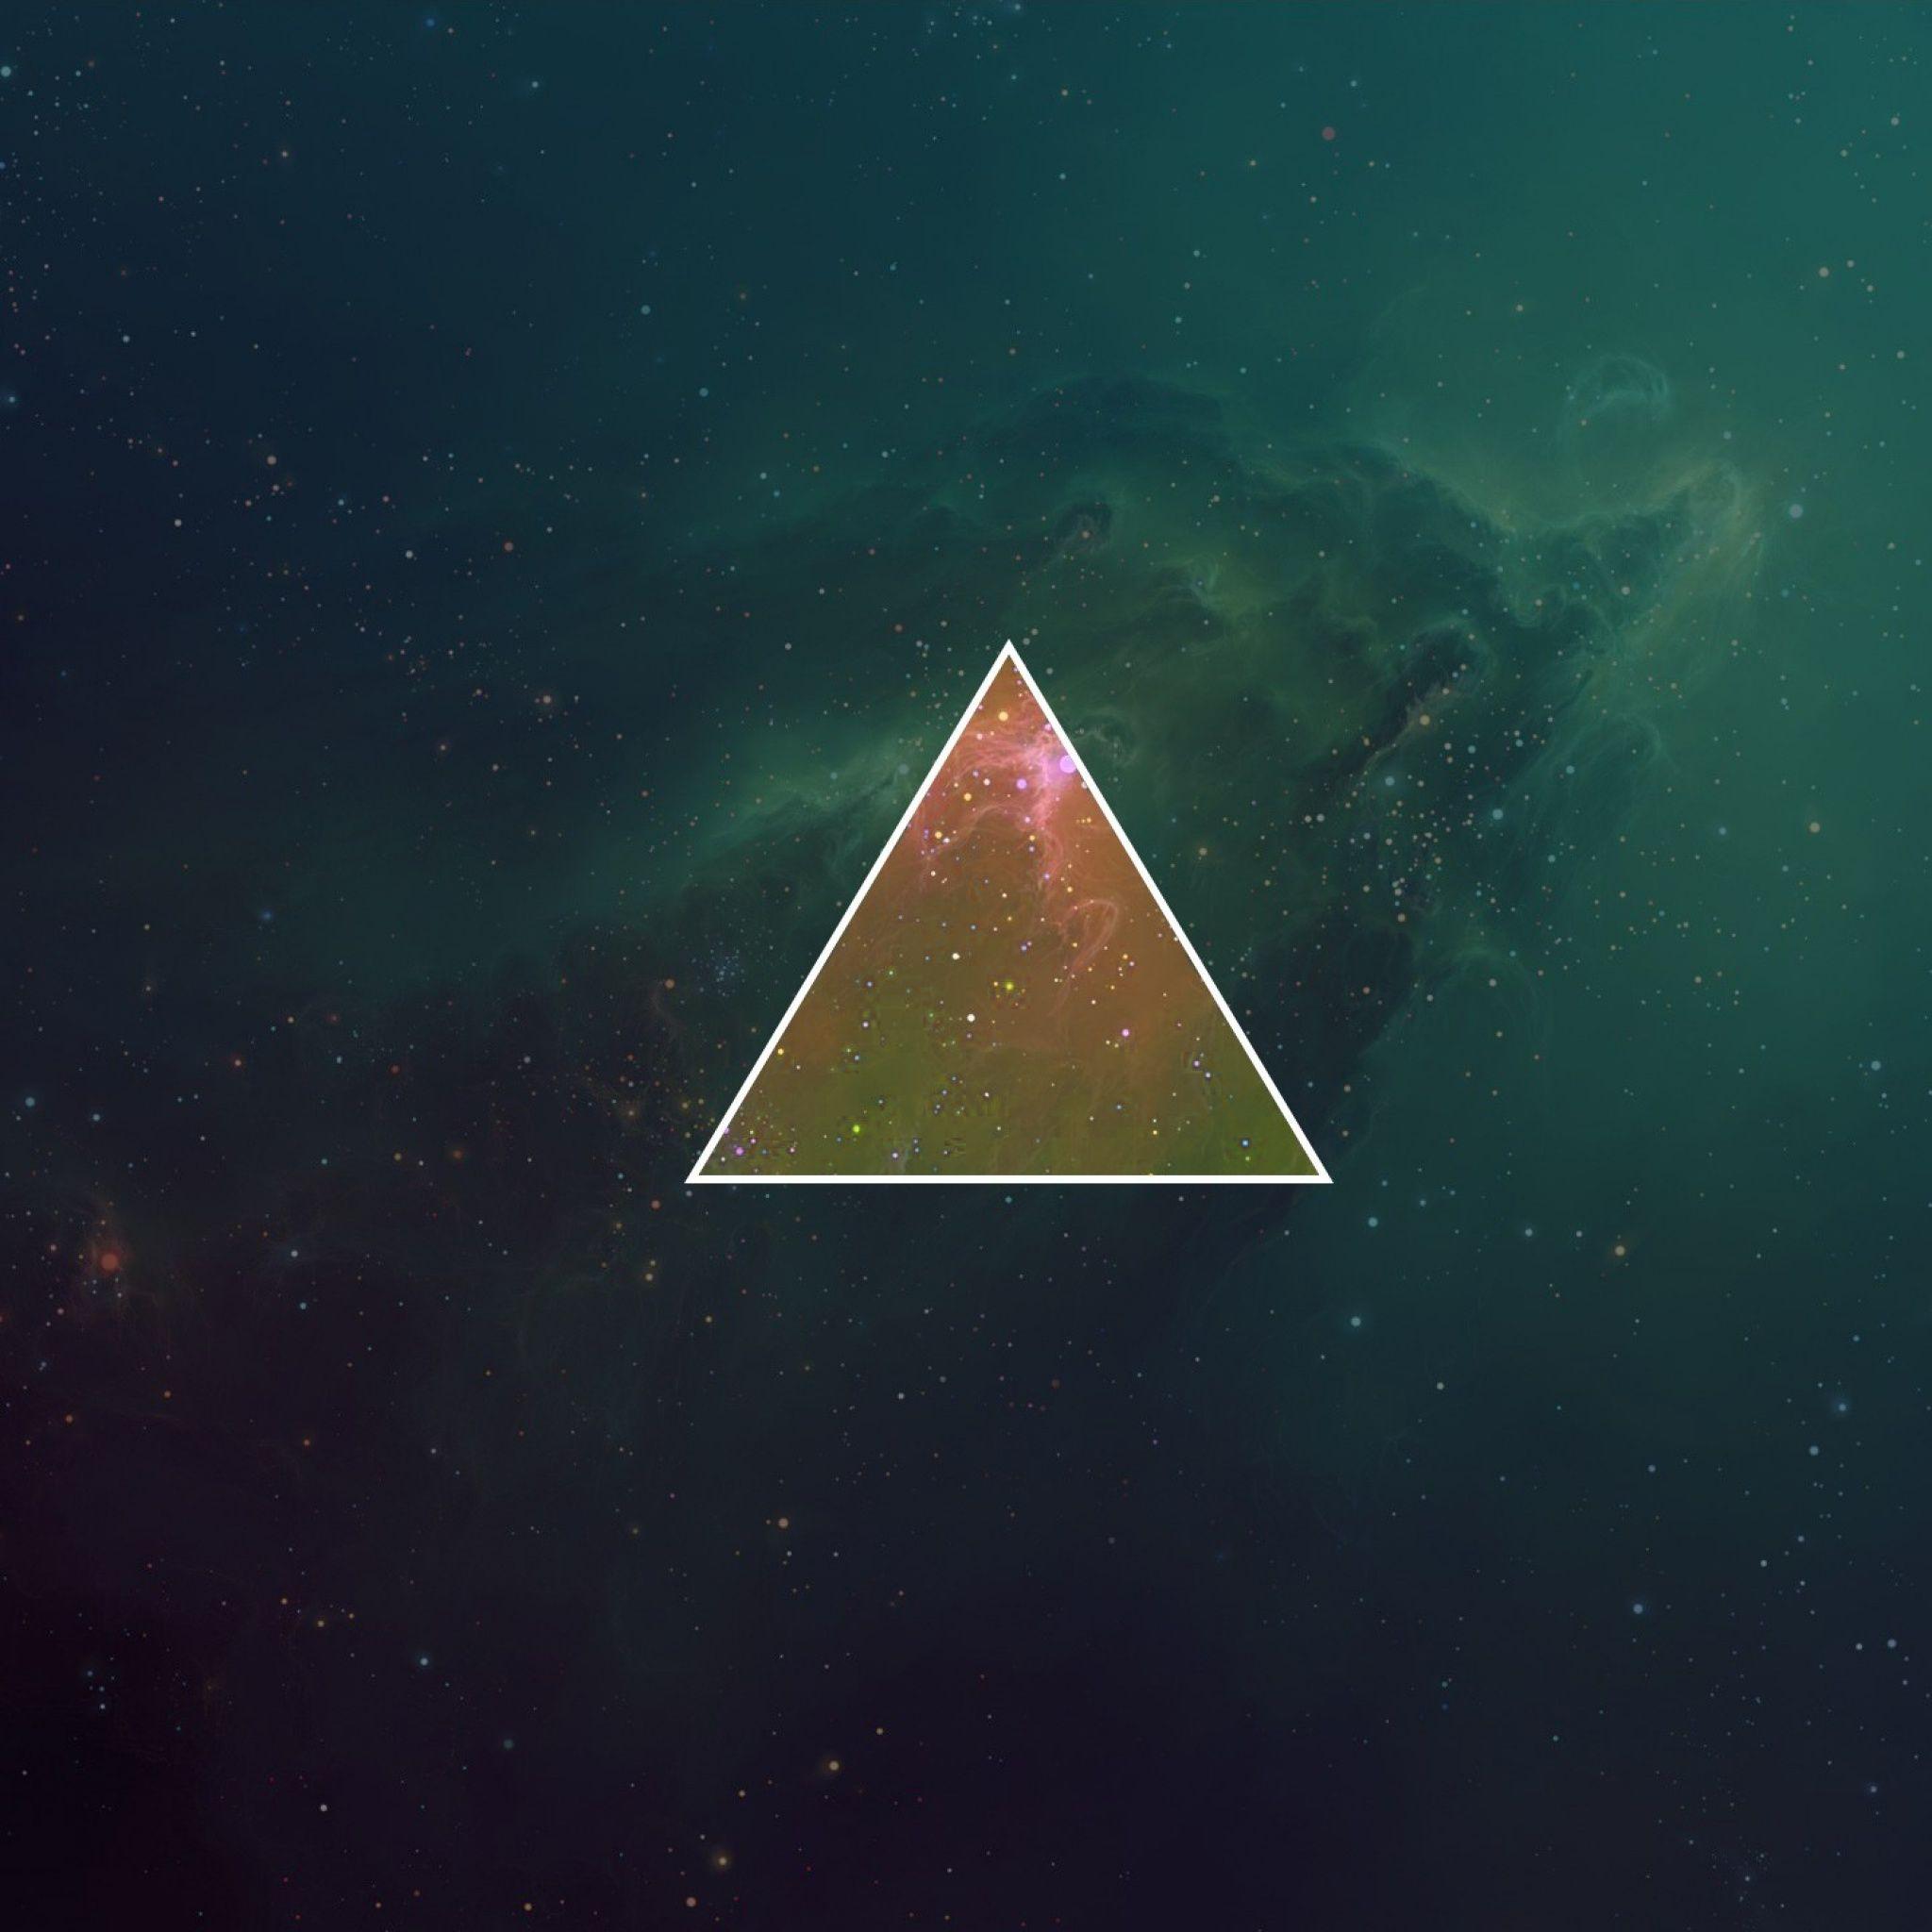 эффект фото в треугольнике фотографий симпатичных